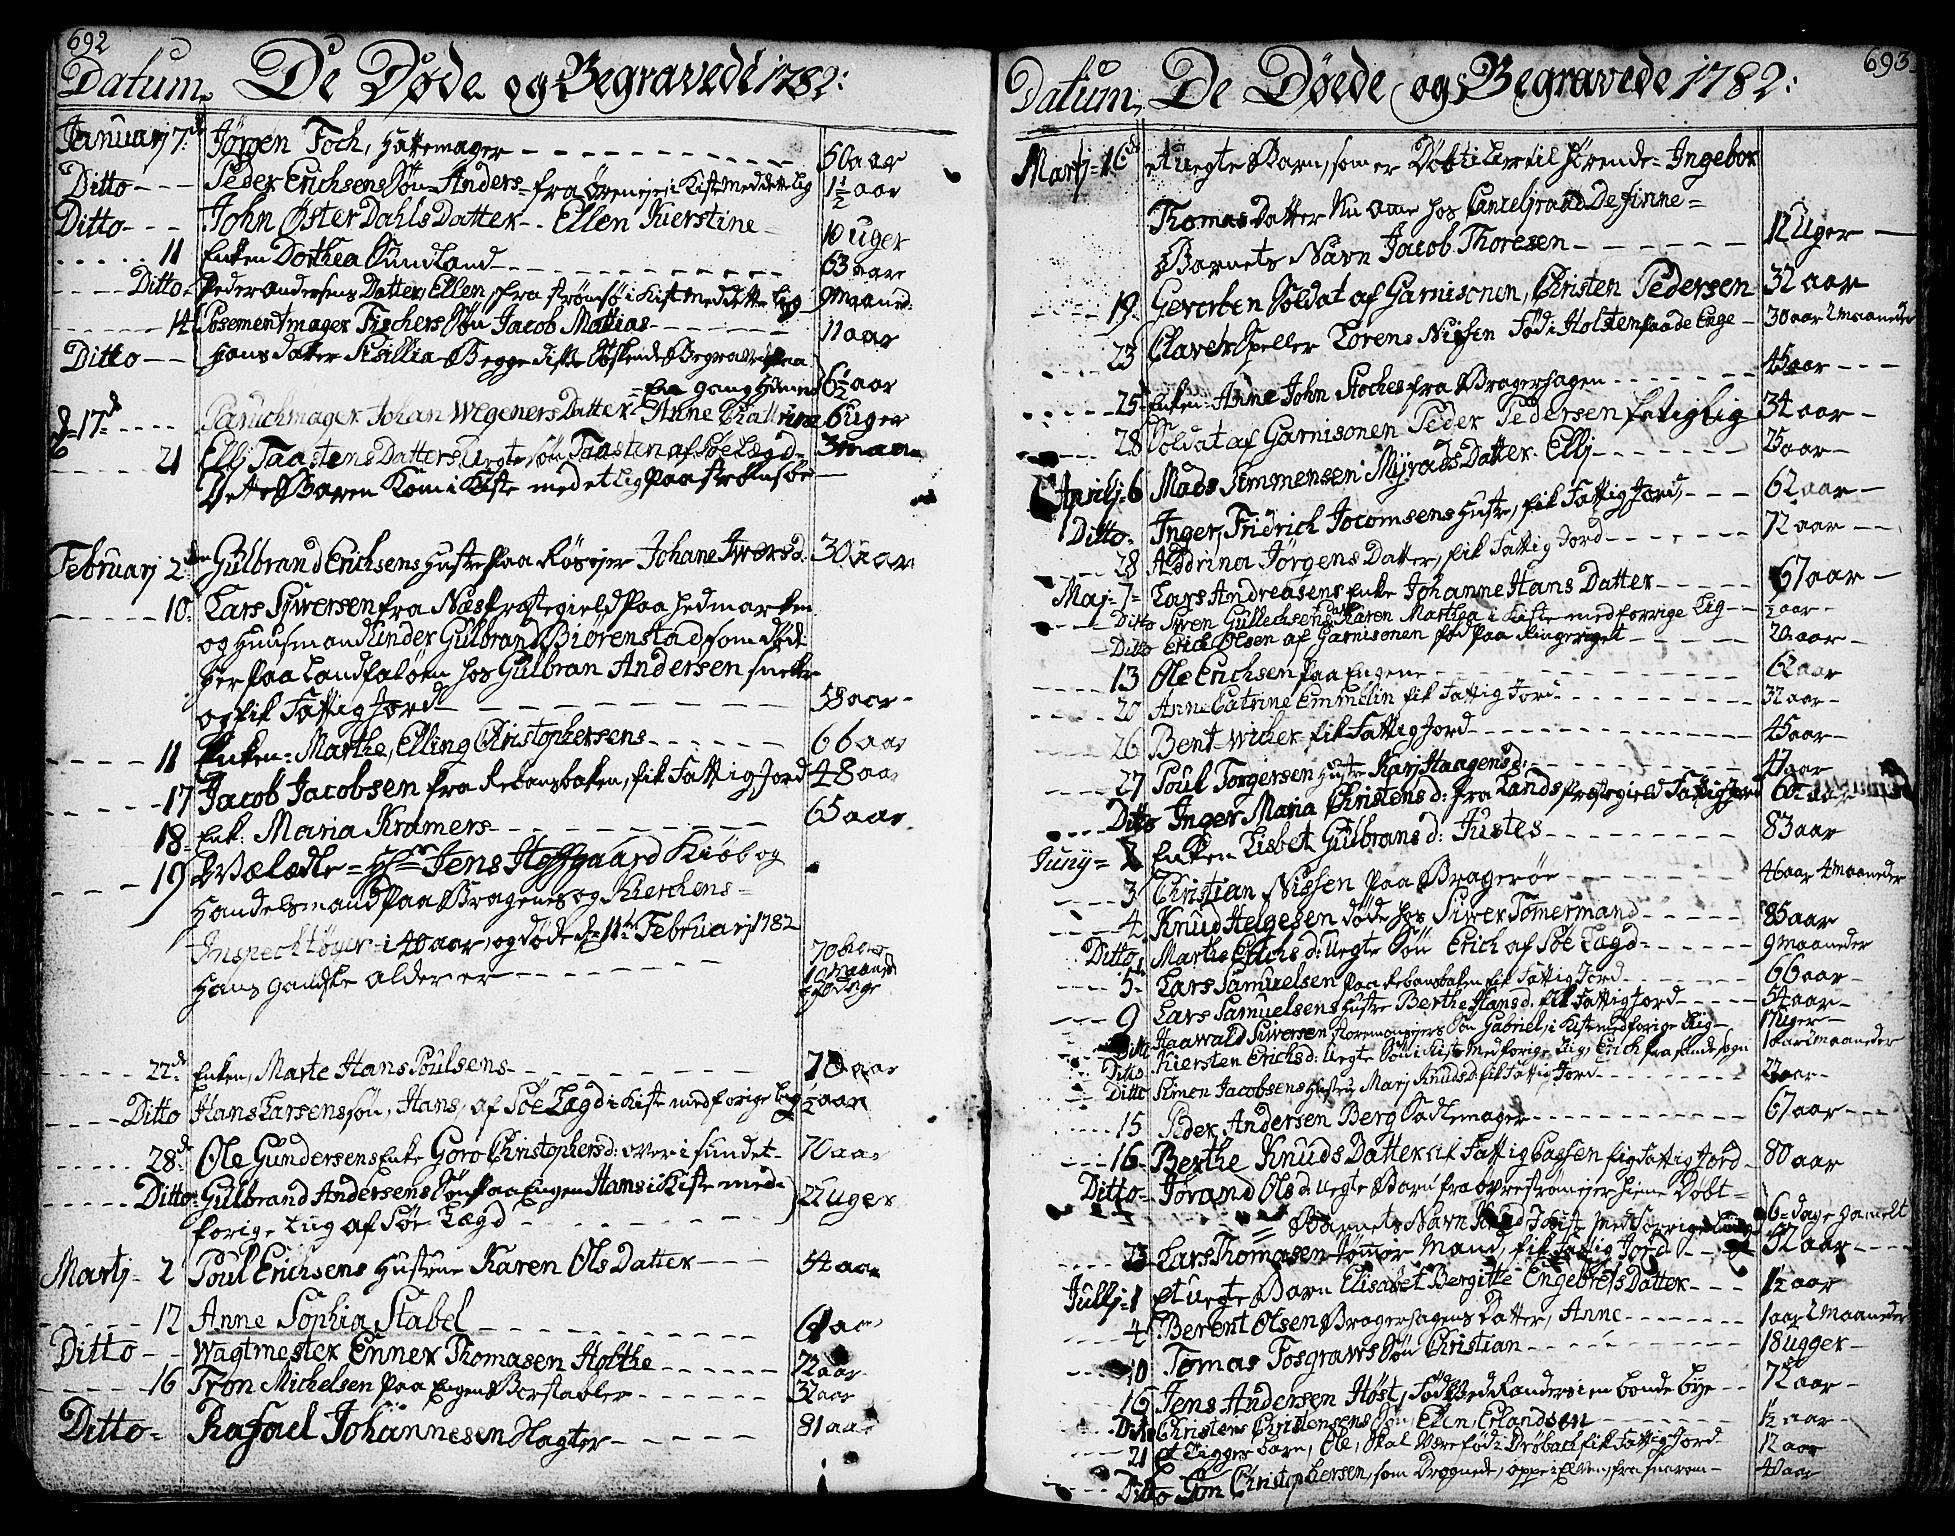 SAKO, Bragernes kirkebøker, F/Fa/L0006a: Ministerialbok nr. I 6, 1782-1814, s. 692-693